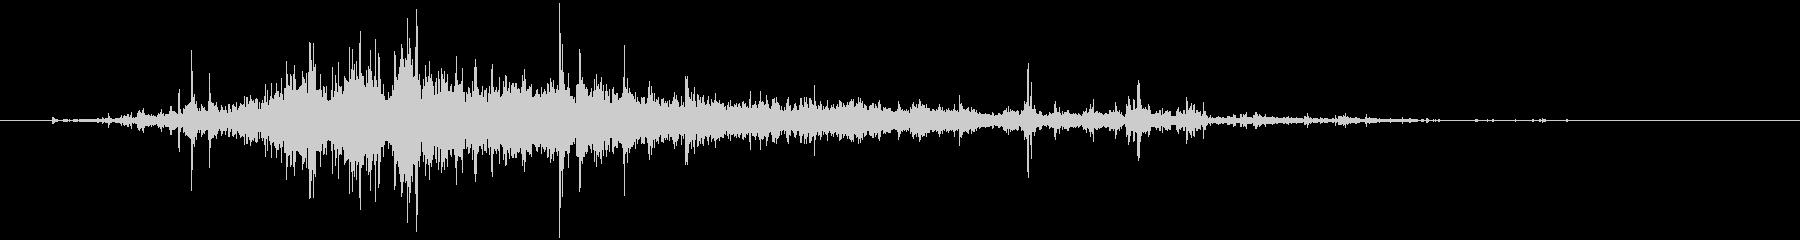 【環境音】 35 水音の未再生の波形